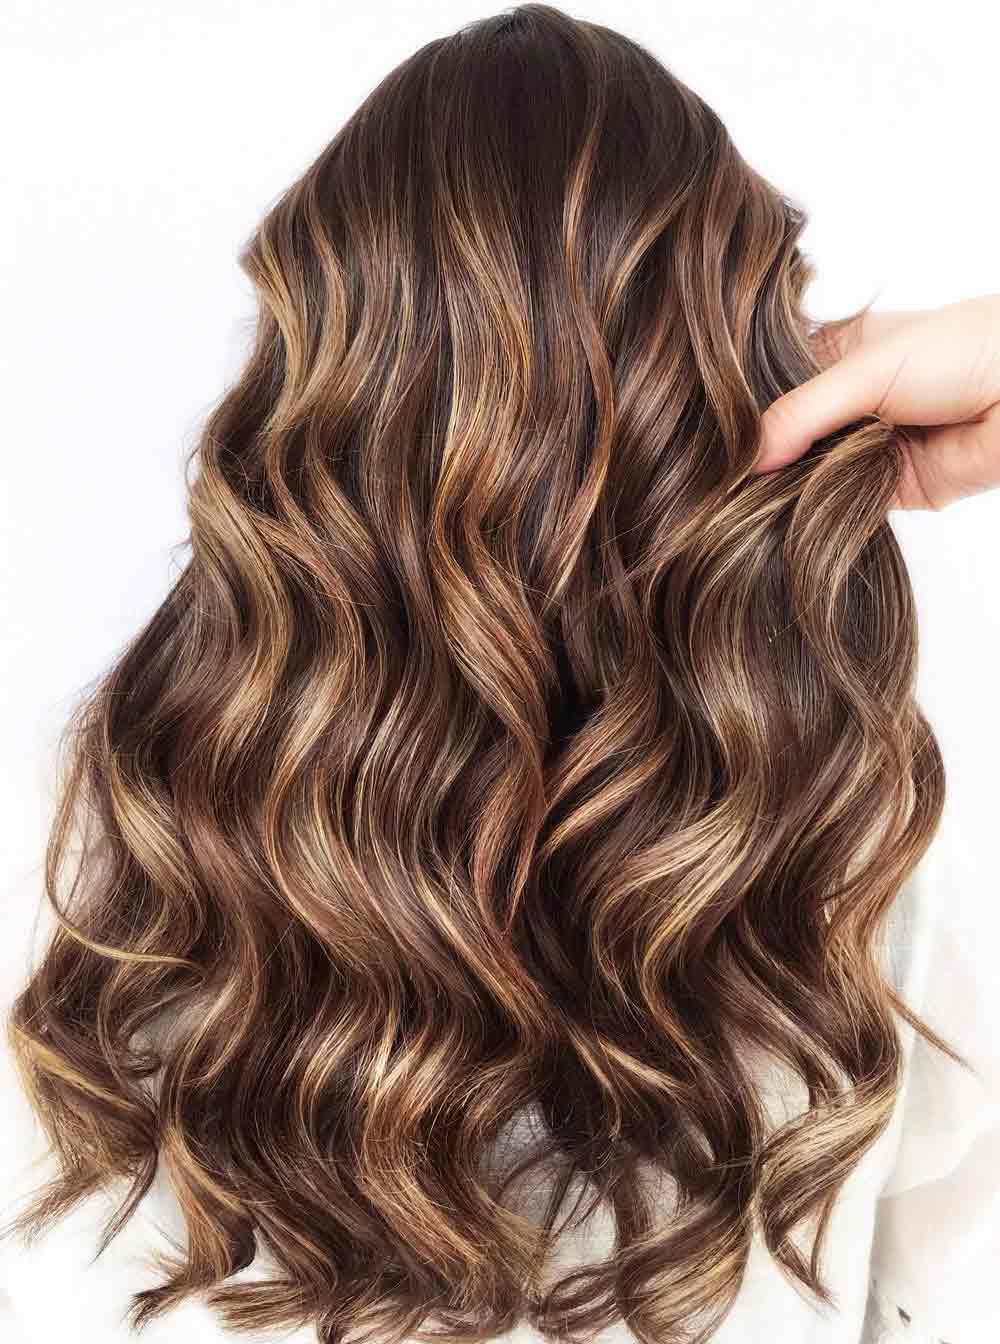 Los cabellos largos y ondulados cortan incluso el 2021